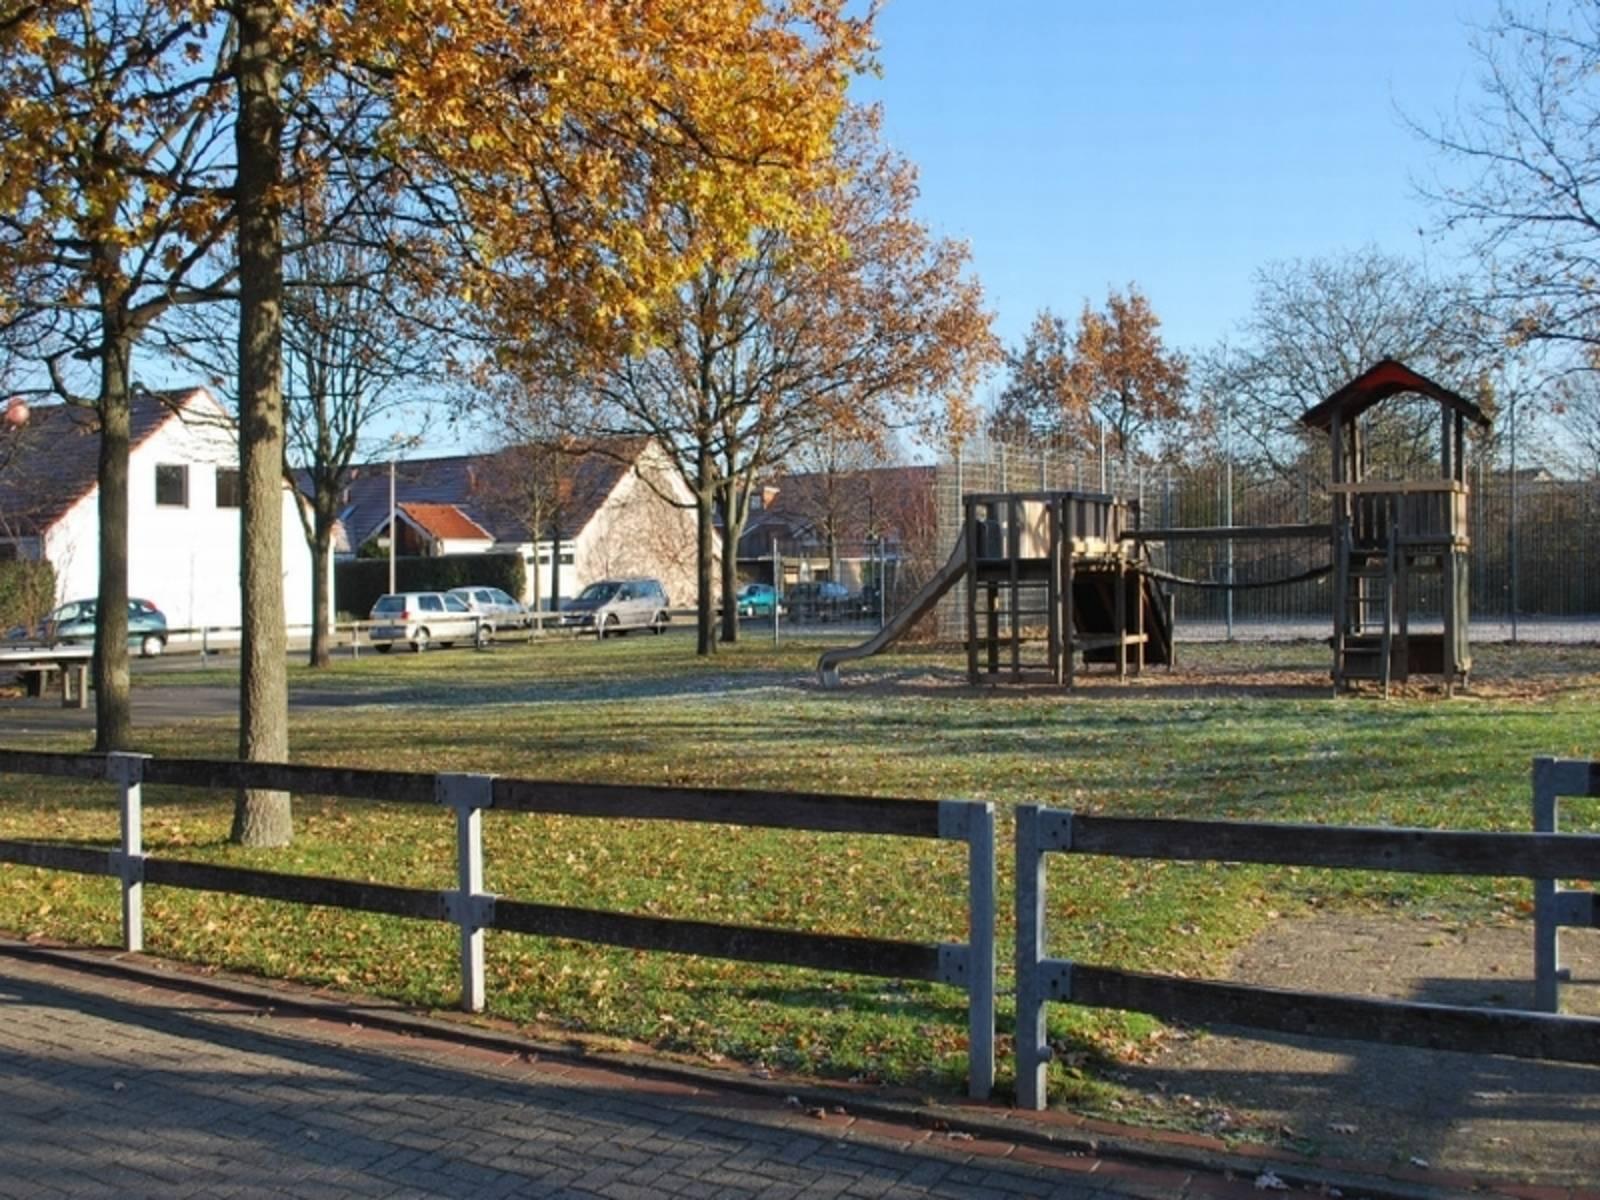 Holzspielelandschaft mit Rutsche auf dem Spielplatz Vechteweg